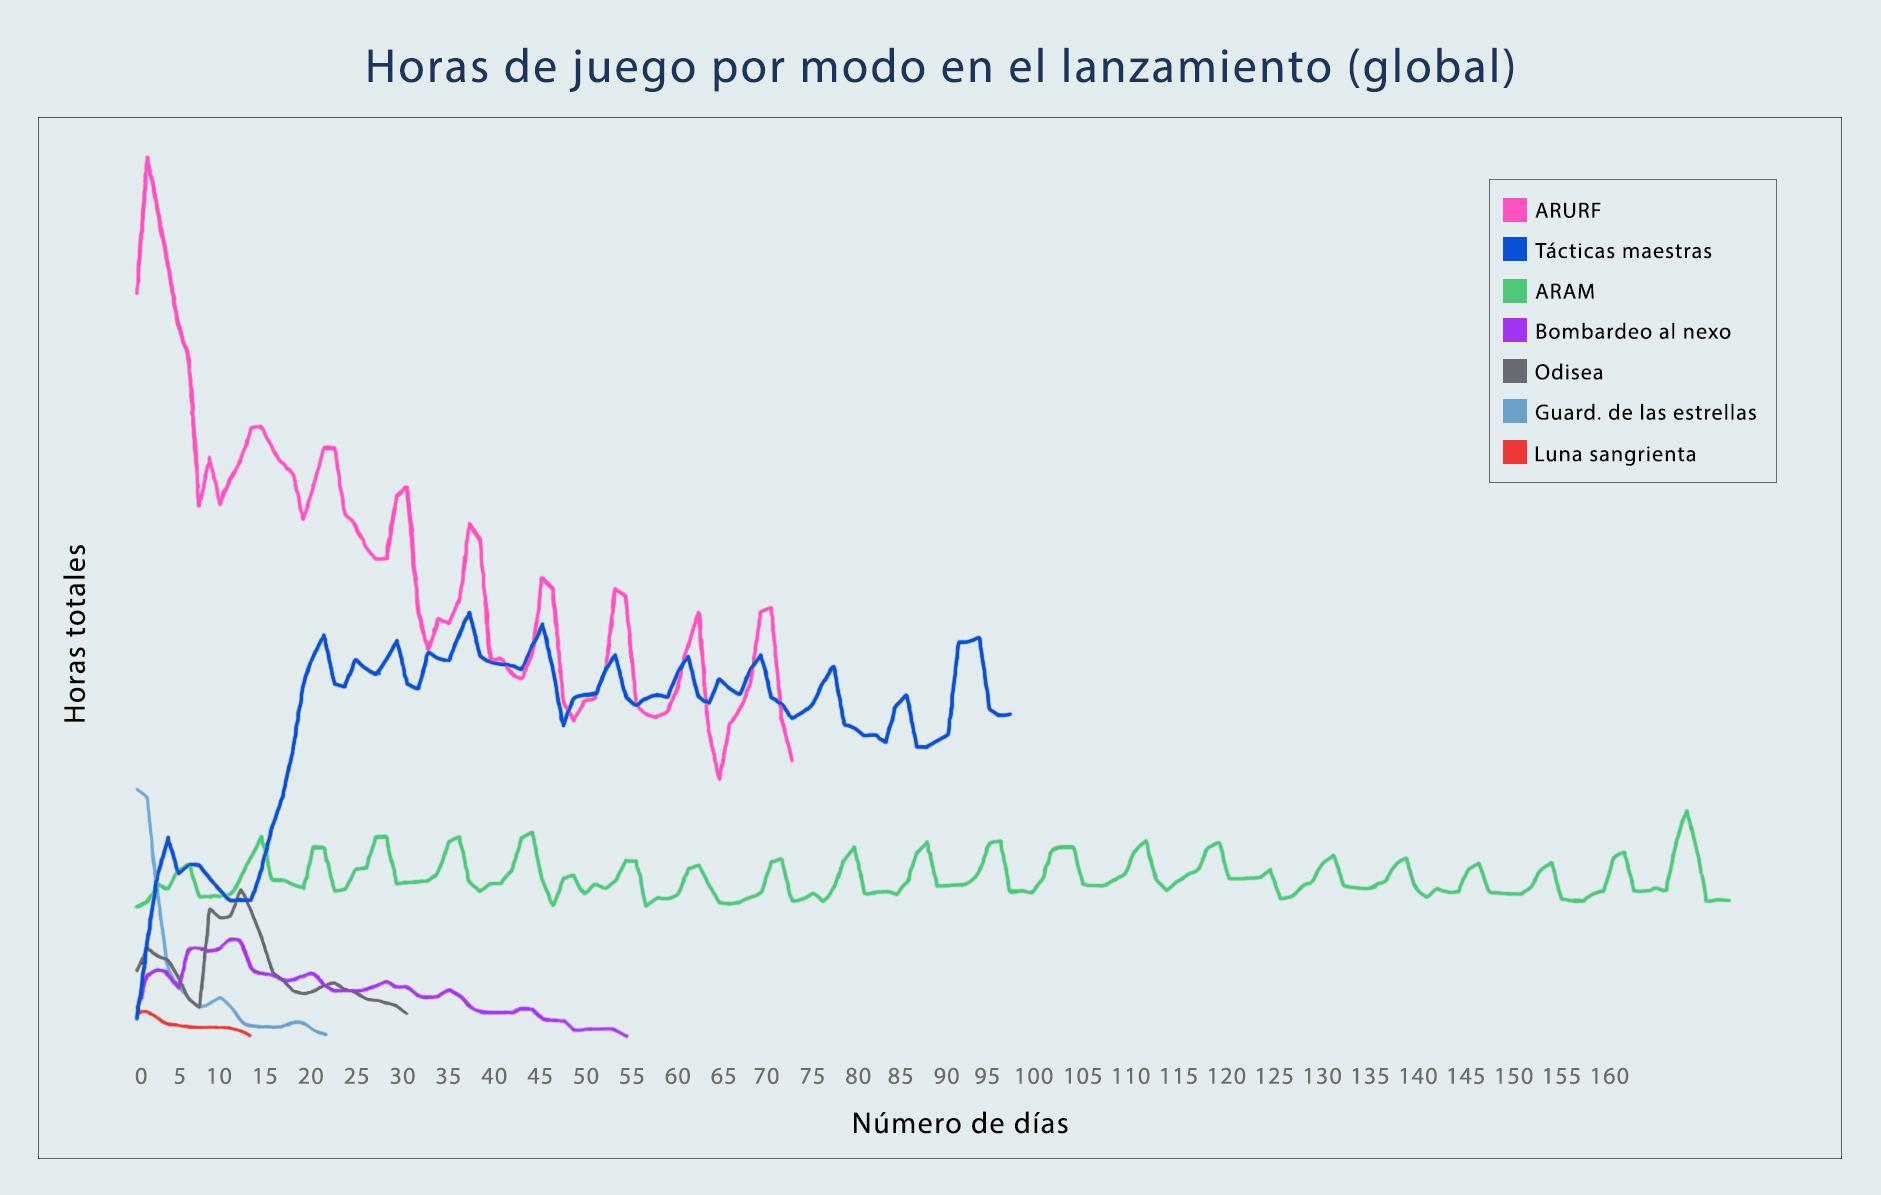 Esta gráfica indica el número total de horas de juego por día y por modo después del lanzamiento.